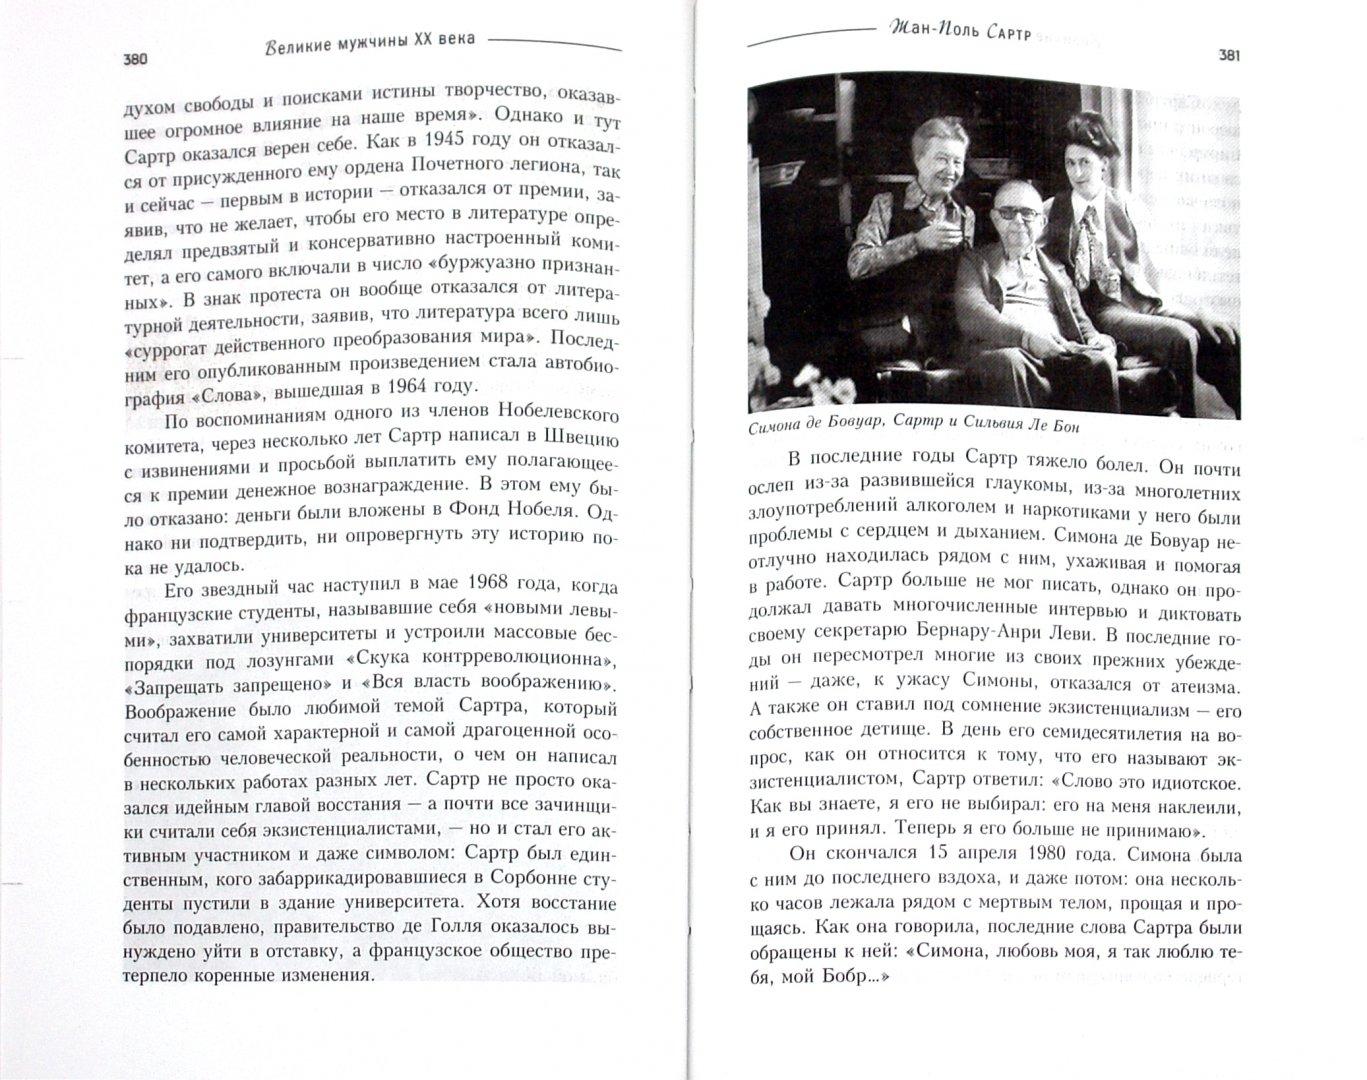 Иллюстрация 1 из 12 для Великие мужчины XX века - Вульф, Чеботарь | Лабиринт - книги. Источник: Лабиринт